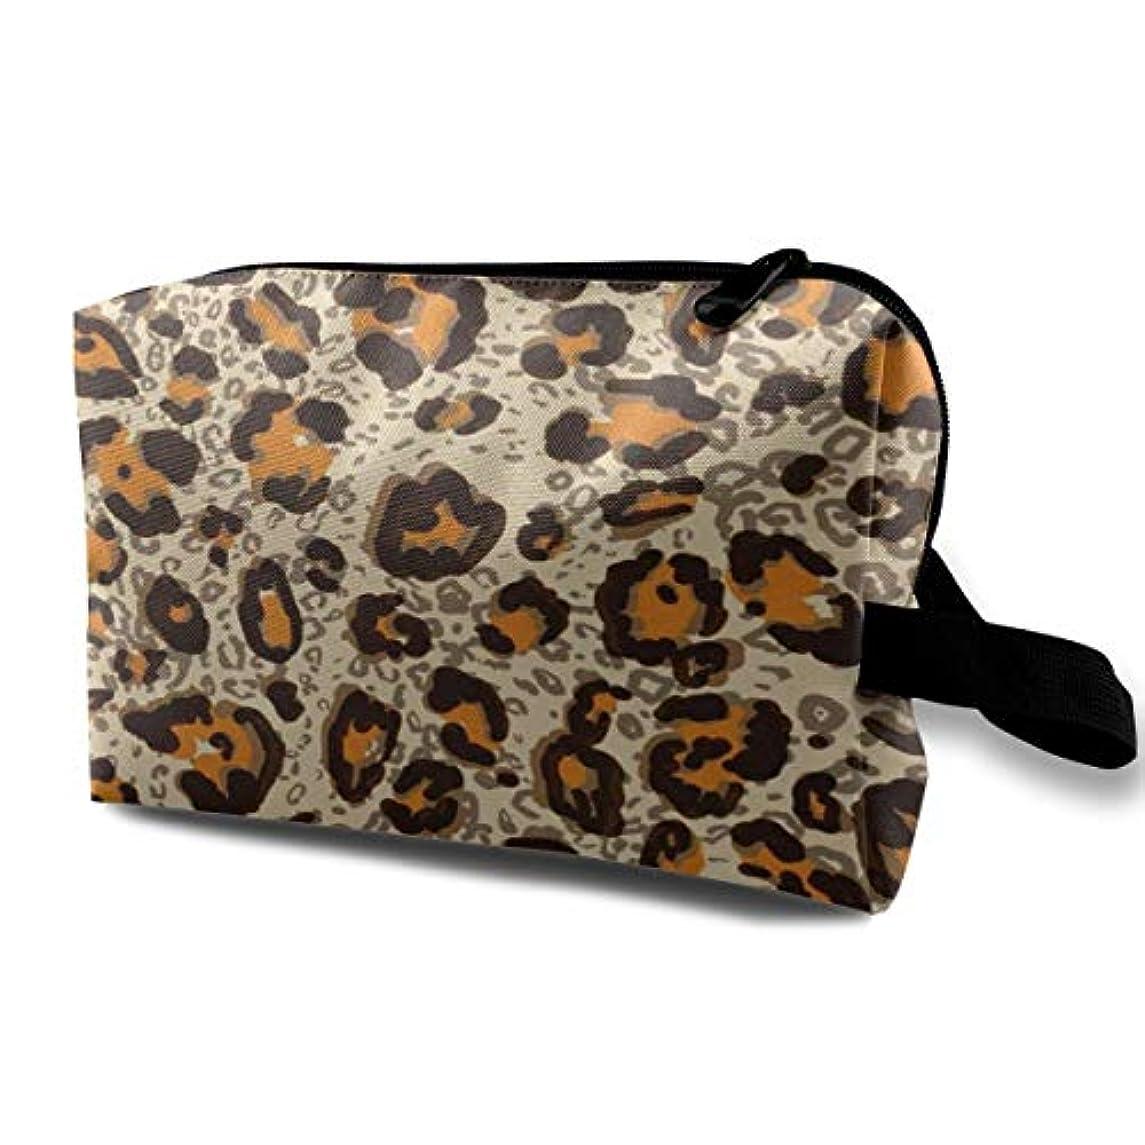 より良い居住者読みやすさArt Leopard Skin 収納ポーチ 化粧ポーチ 大容量 軽量 耐久性 ハンドル付持ち運び便利。入れ 自宅?出張?旅行?アウトドア撮影などに対応。メンズ レディース トラベルグッズ